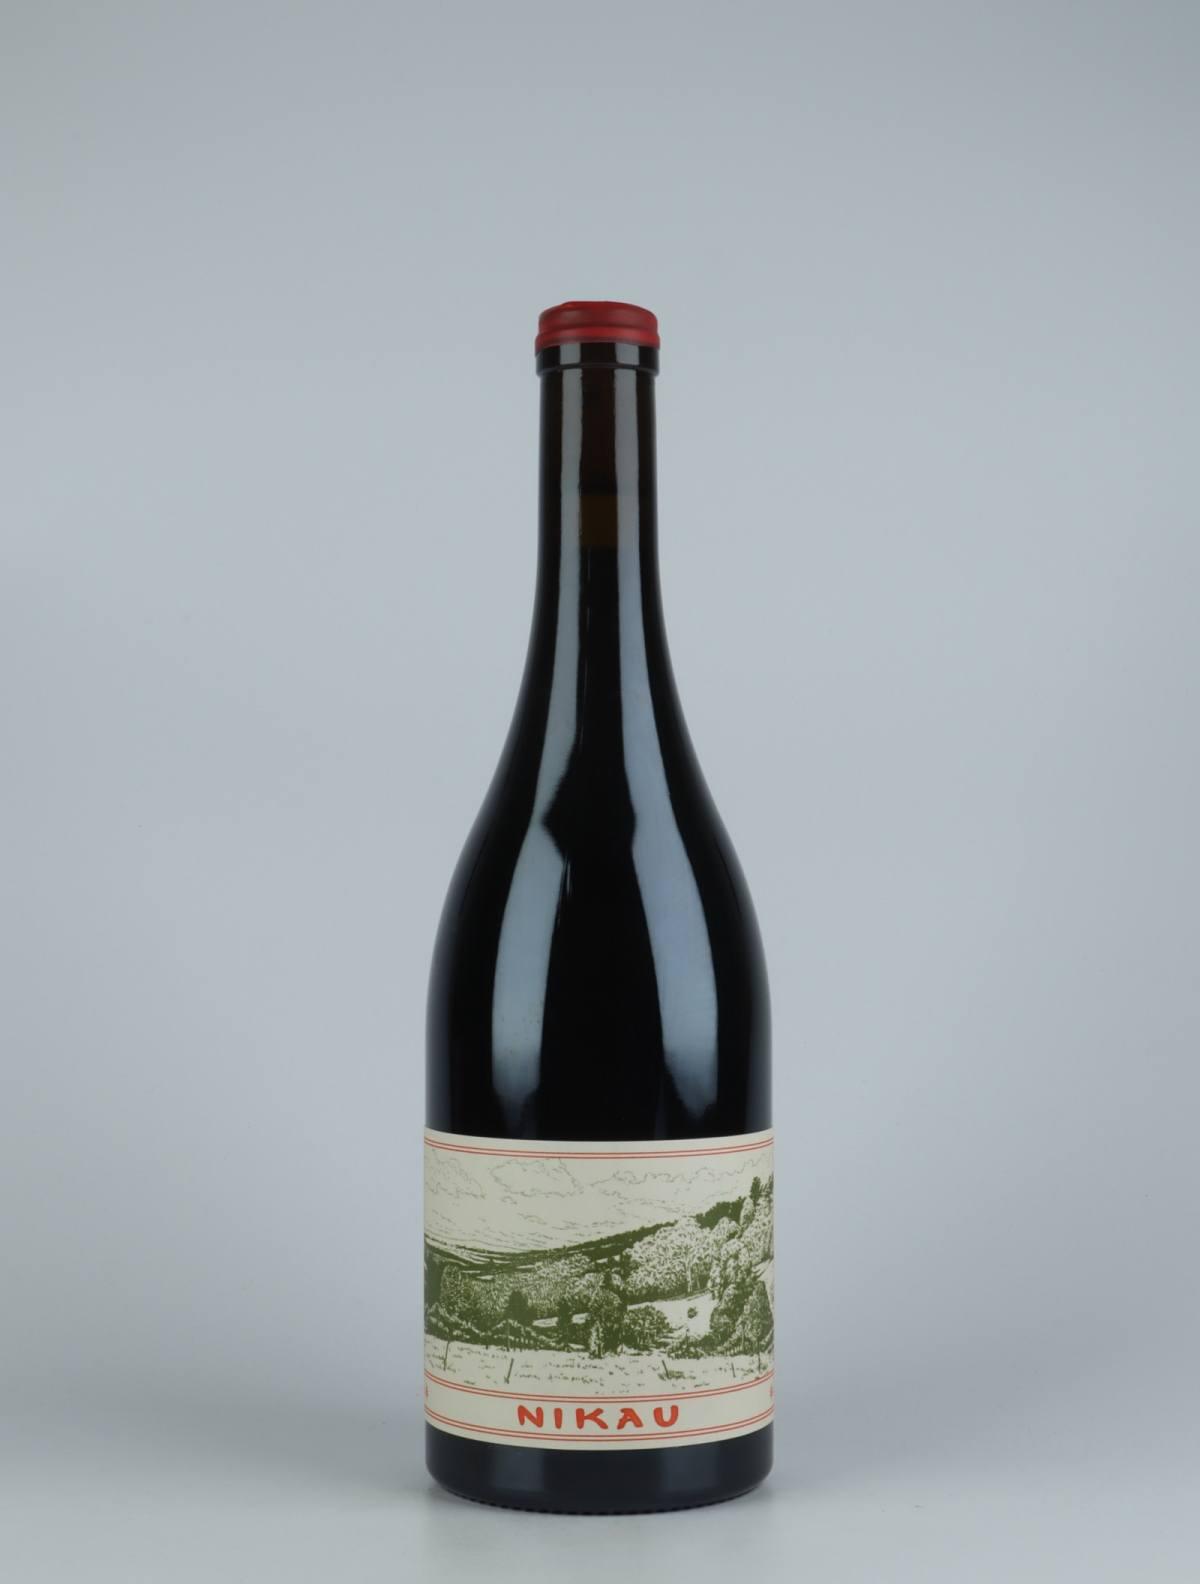 Nikau Pinot Noir